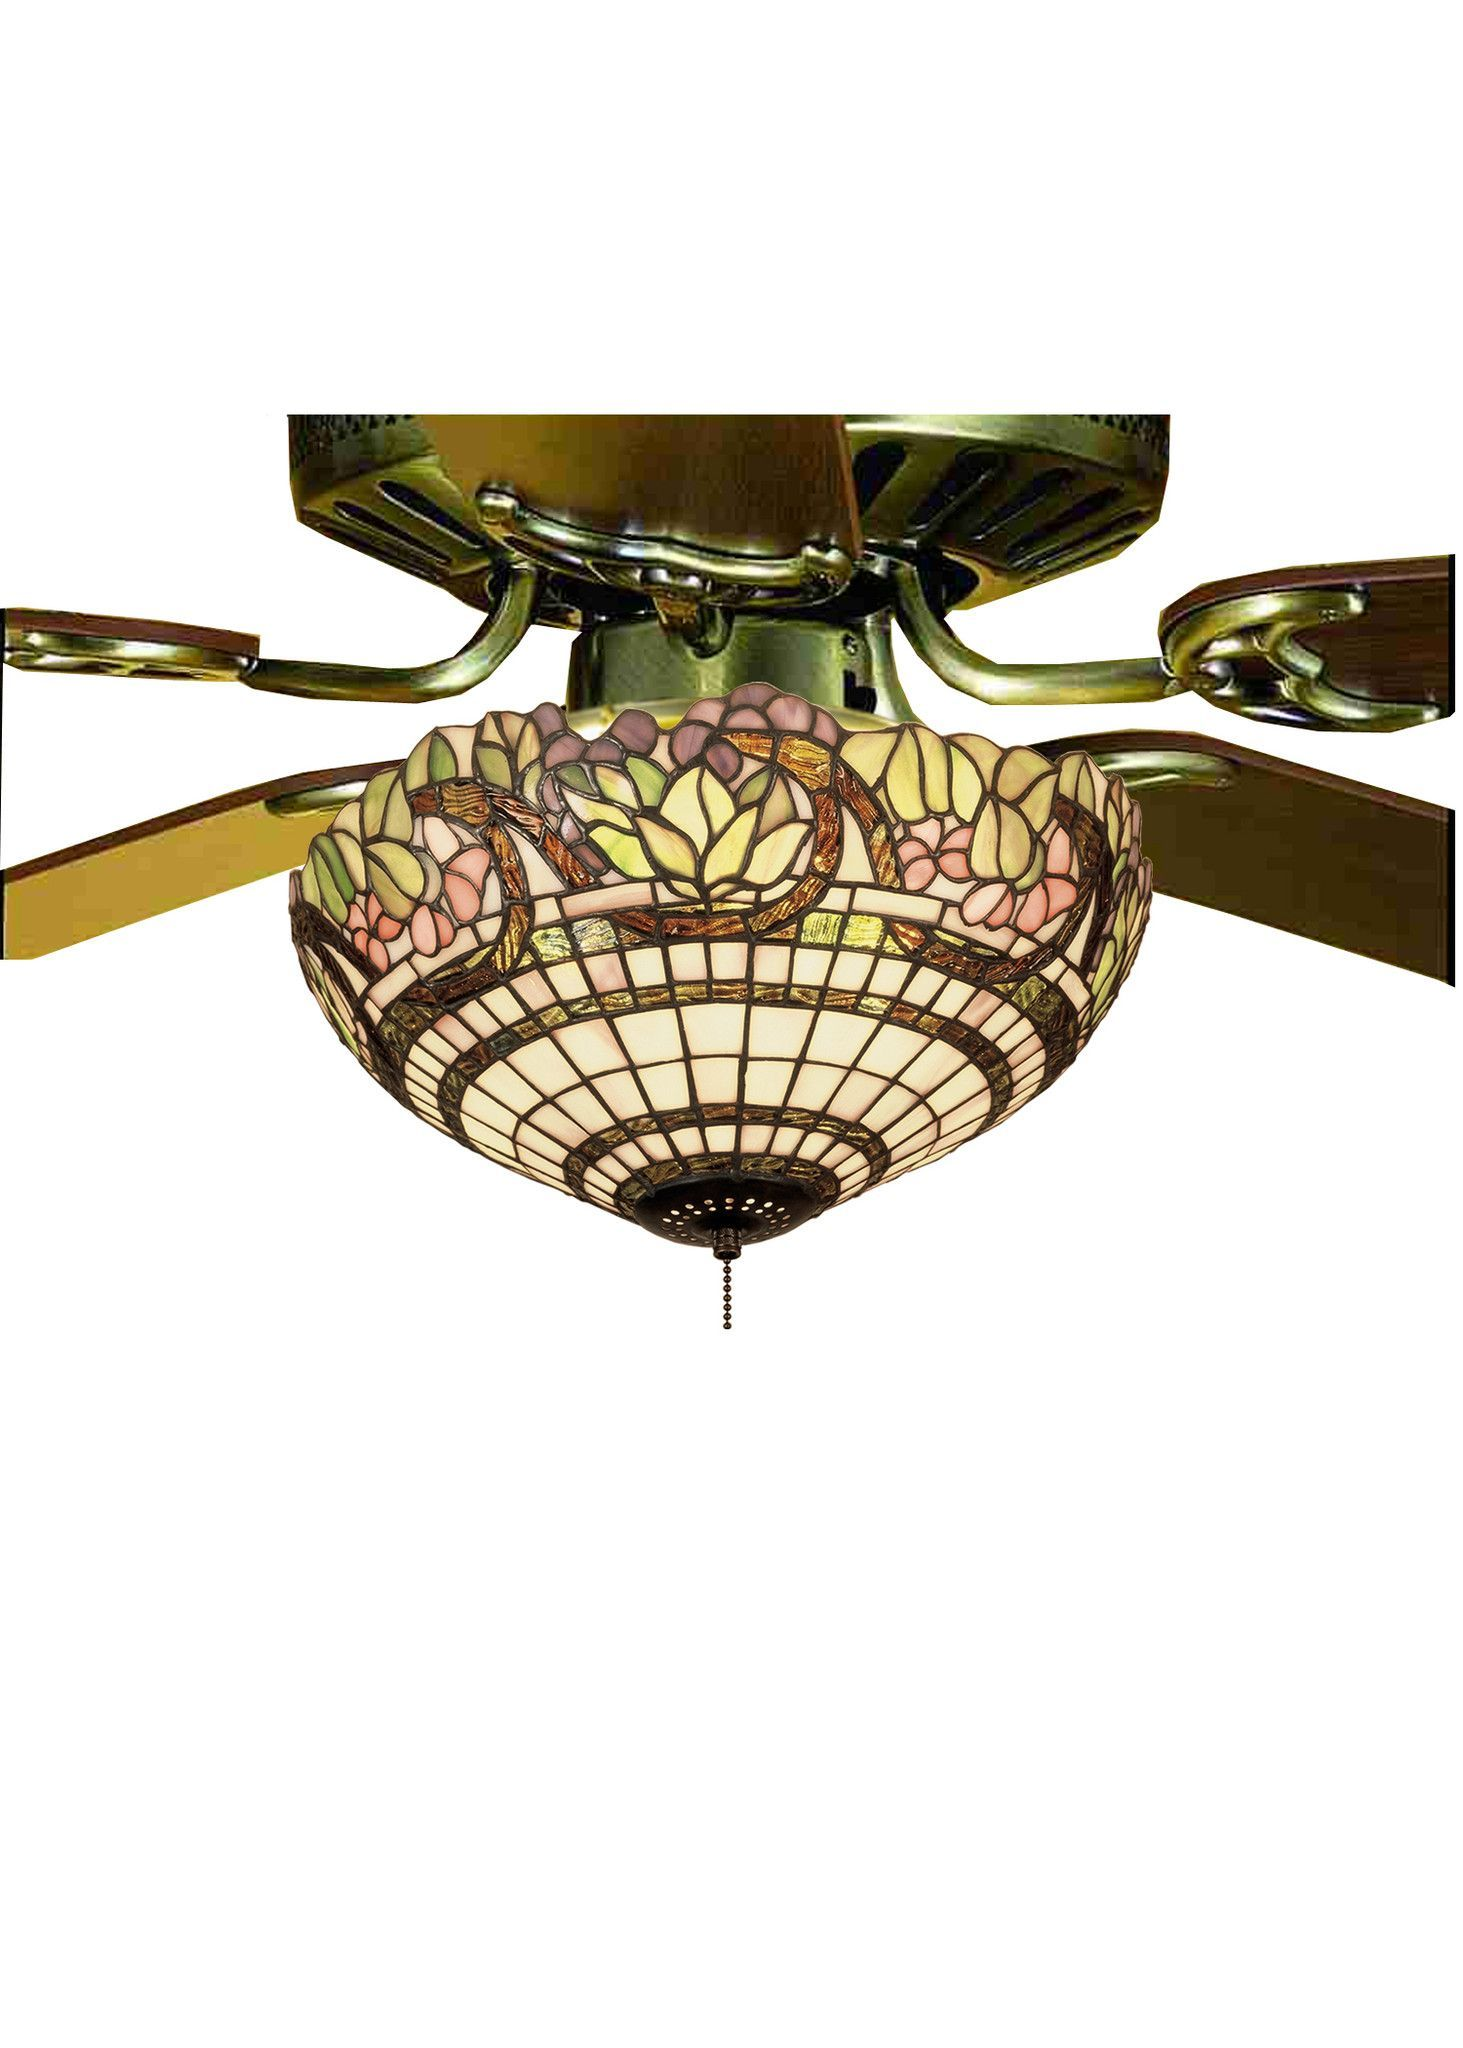 15 Fan Light Fixtures Ceiling Fan Light Fixtures Ceiling Fan With Light